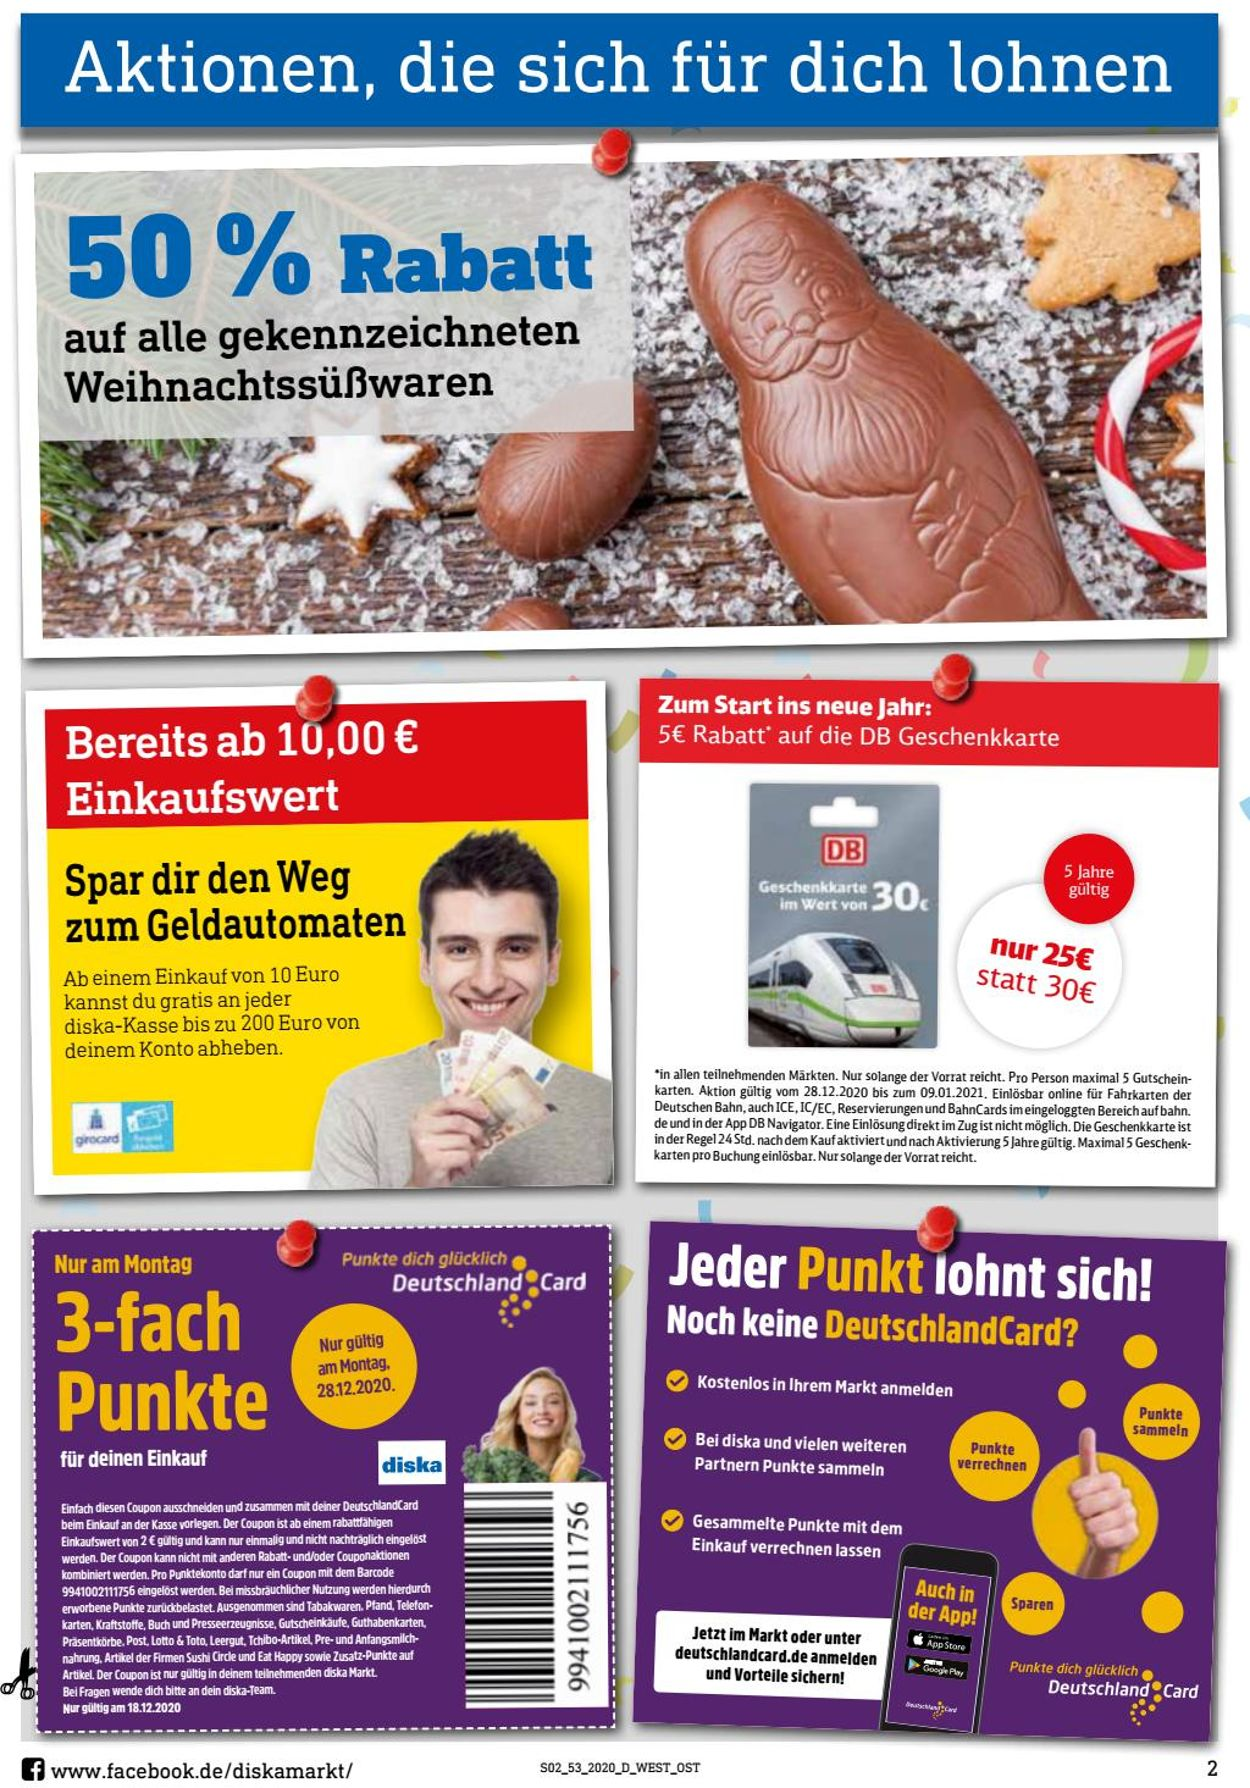 diska Prospekt - Aktuell vom 28.12-02.01.2021 (Seite 2)